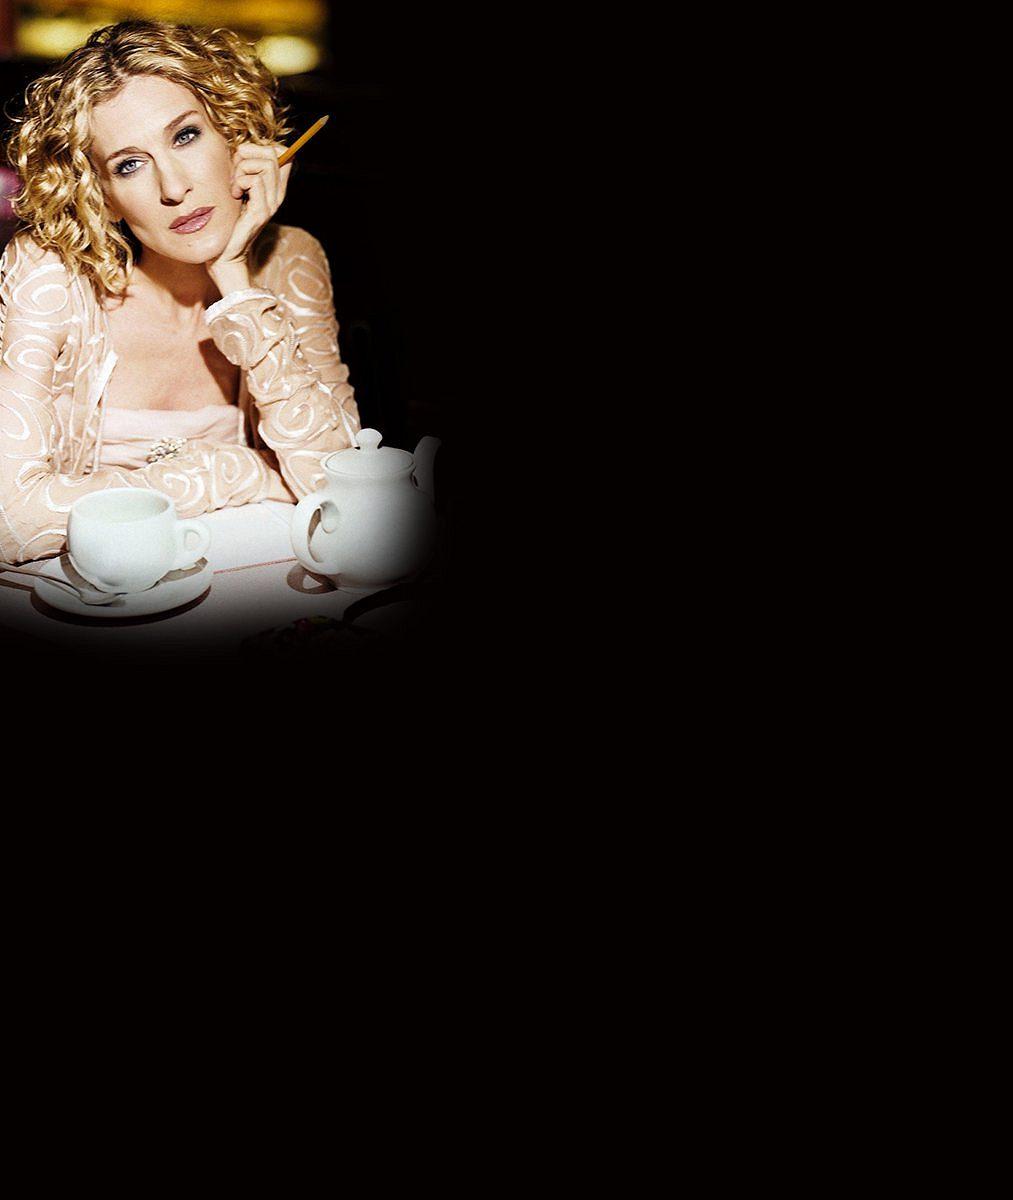 Vposlední řadě lezla Carrie ze Sexu ve městě české dabérce na nervy. Je ochotná propůjčit jí hlas vdalším pokračování?